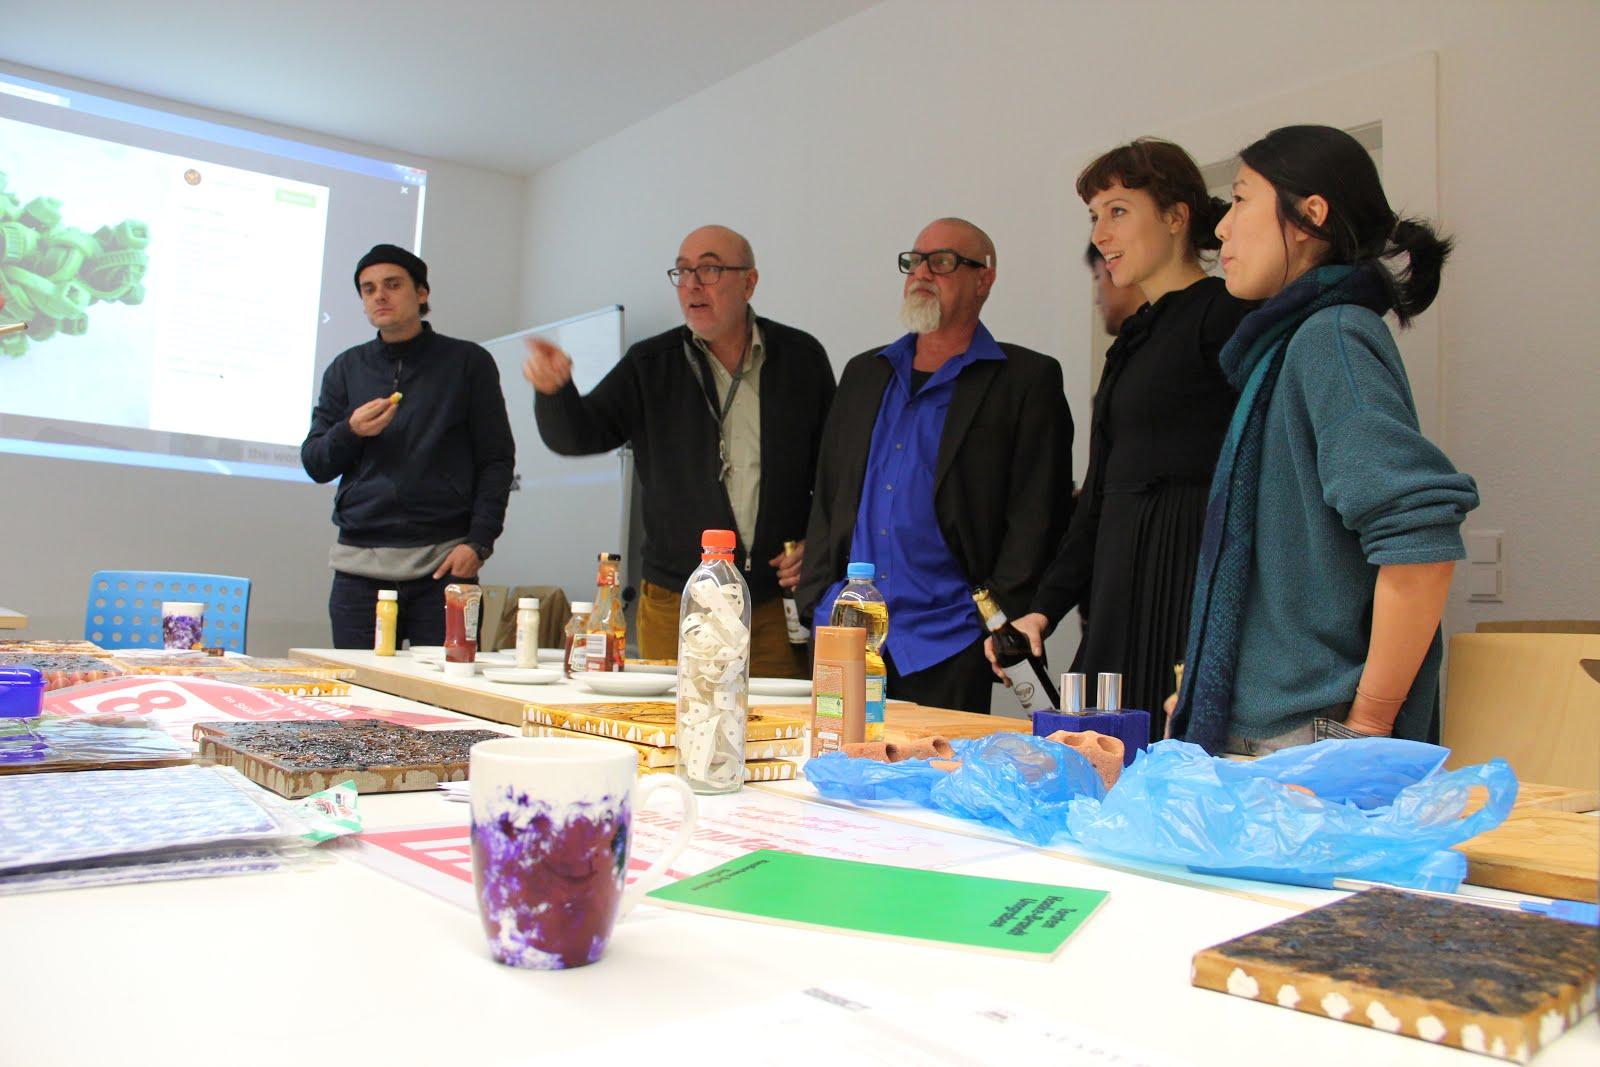 Torsten Haake- Brandt im Künstlervortrag am 24.10.2016  im Gespräch mit Kunststudenten